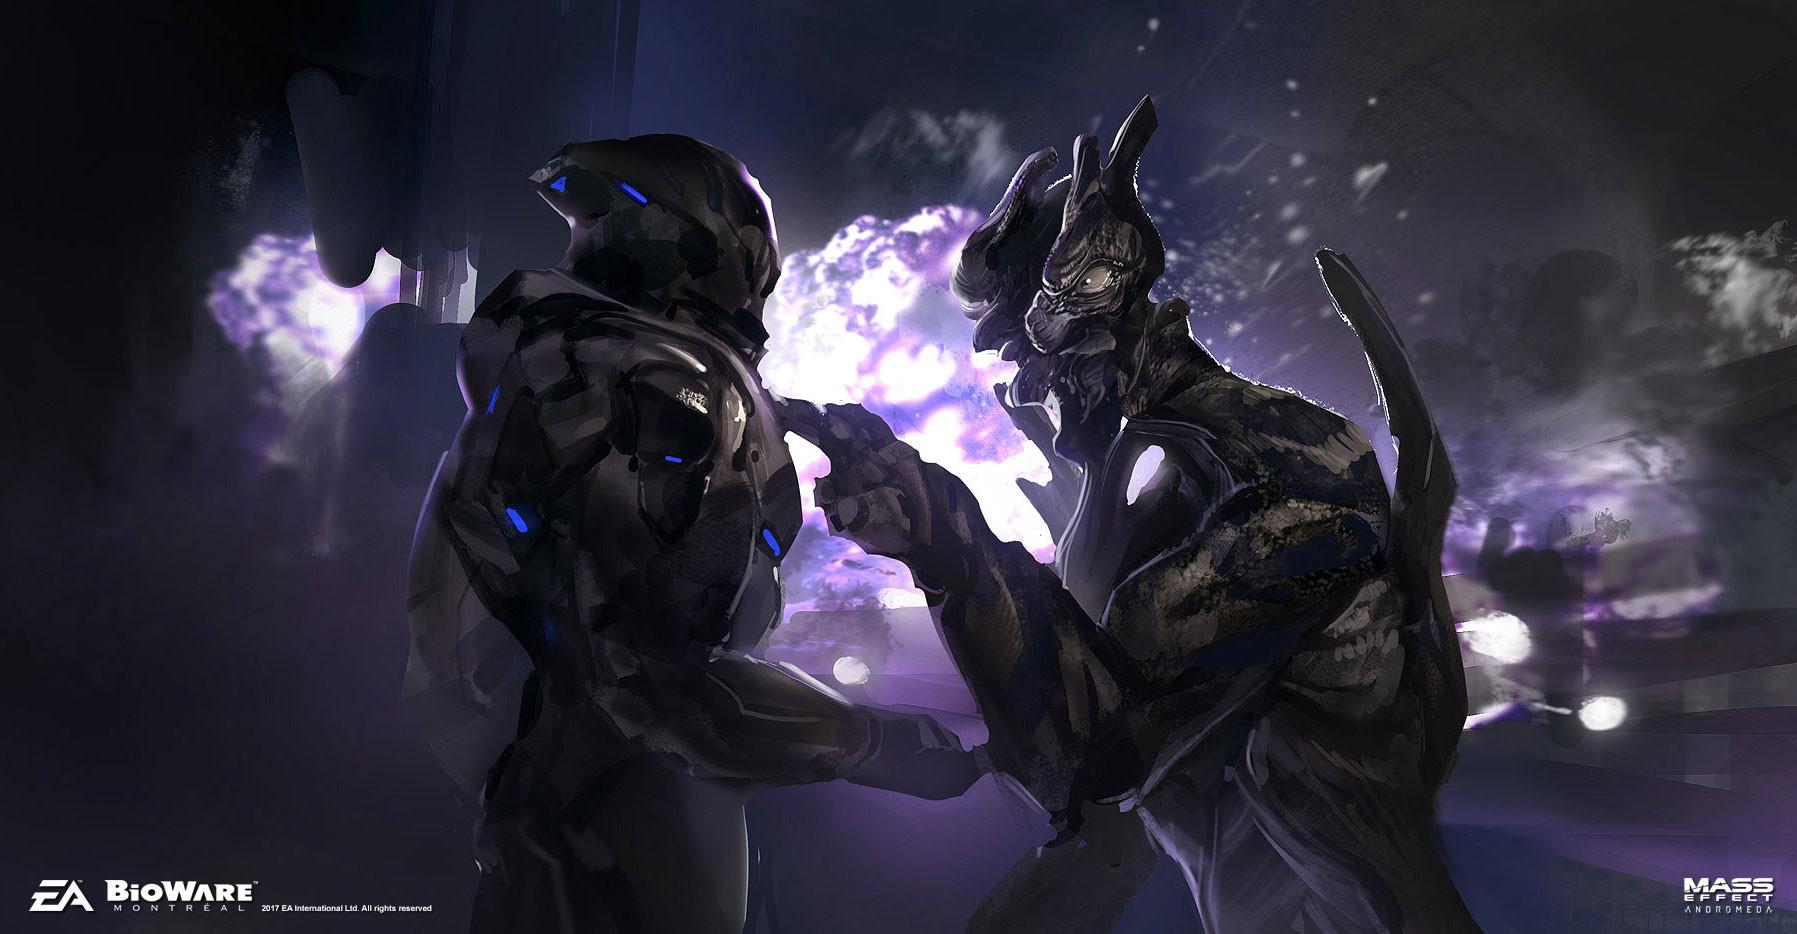 Mass Effect Andromeda Artwork Strange Alien